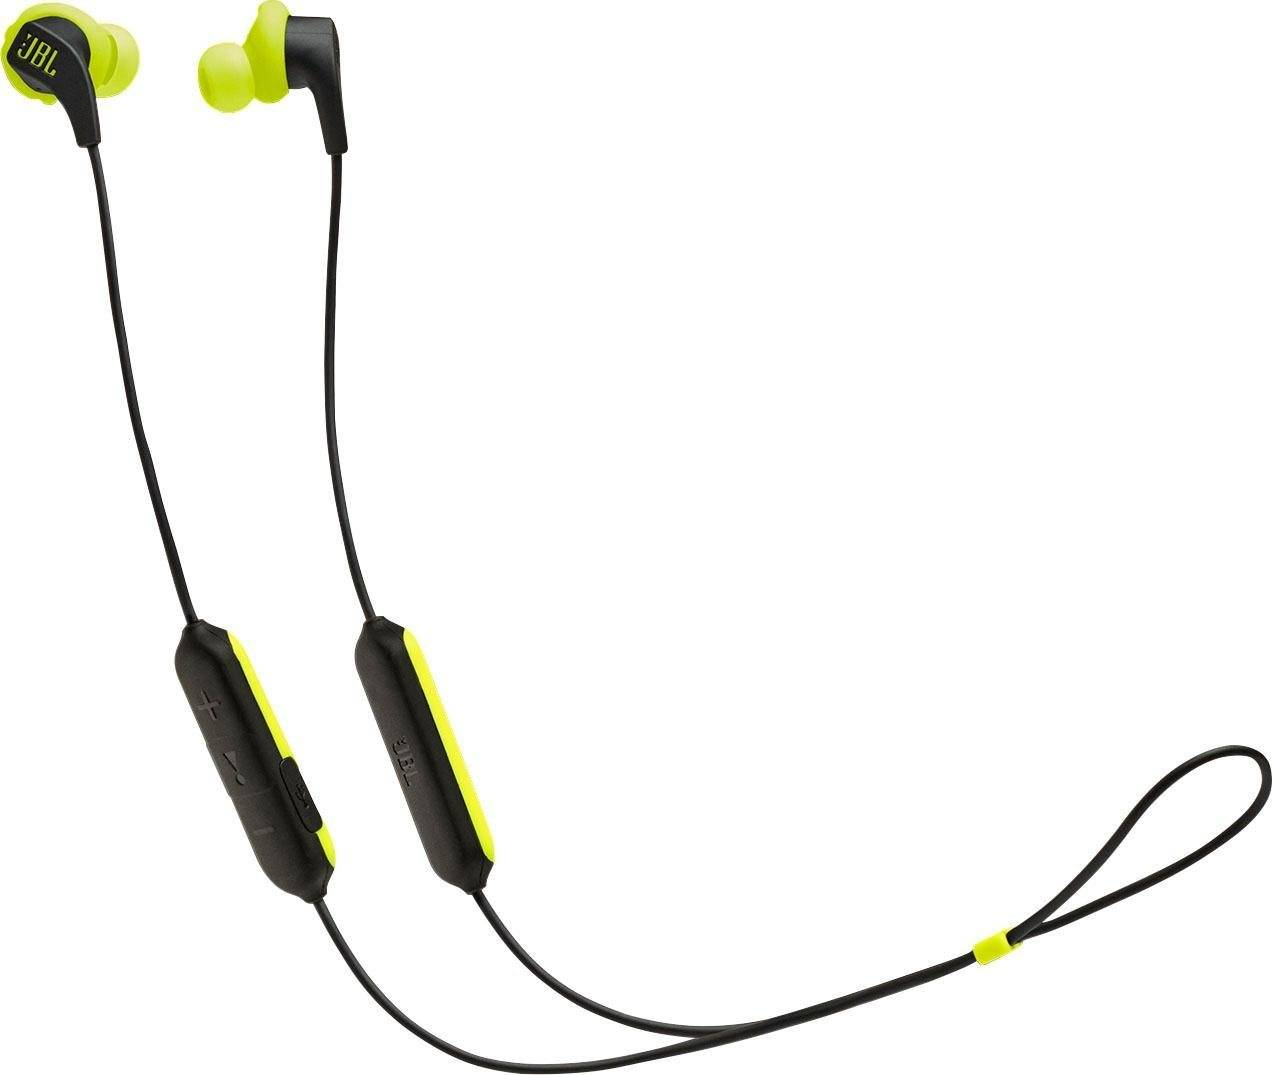 JBL »Endurance Run BT« wireless In-Ear-Kopfhörer (Bluetooth), Limette